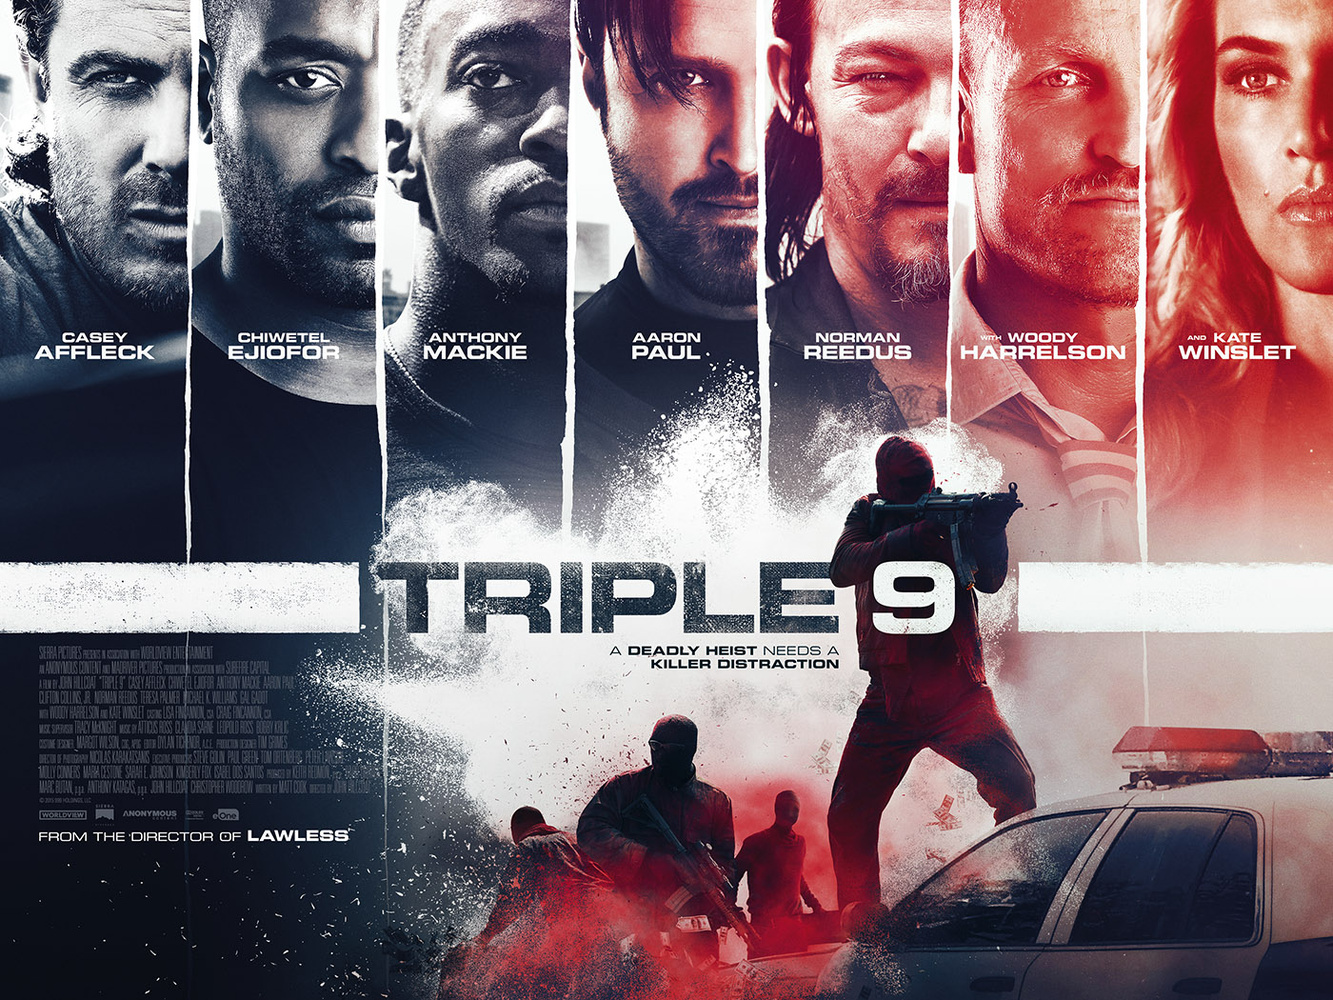 Triple 9 by Kristina Stankeviciute-Polezajeva